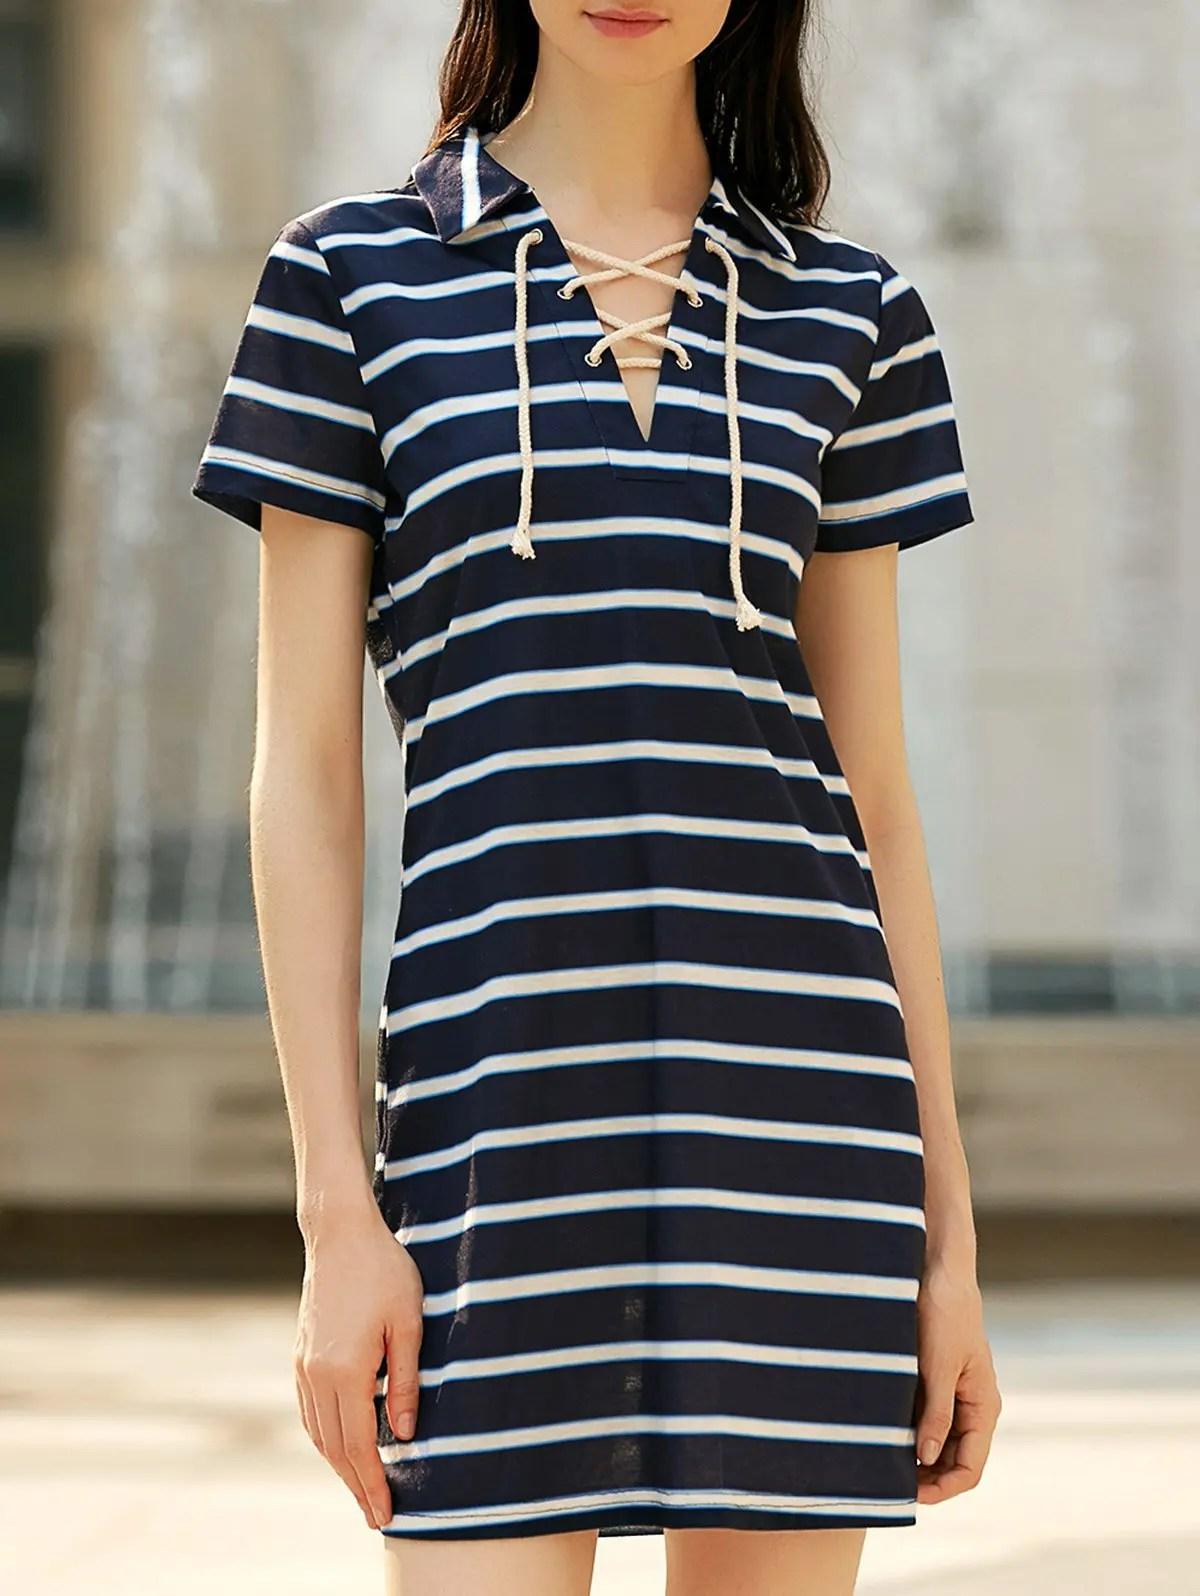 Preppy Style Striped Lace- Short Sleeve Dress Women